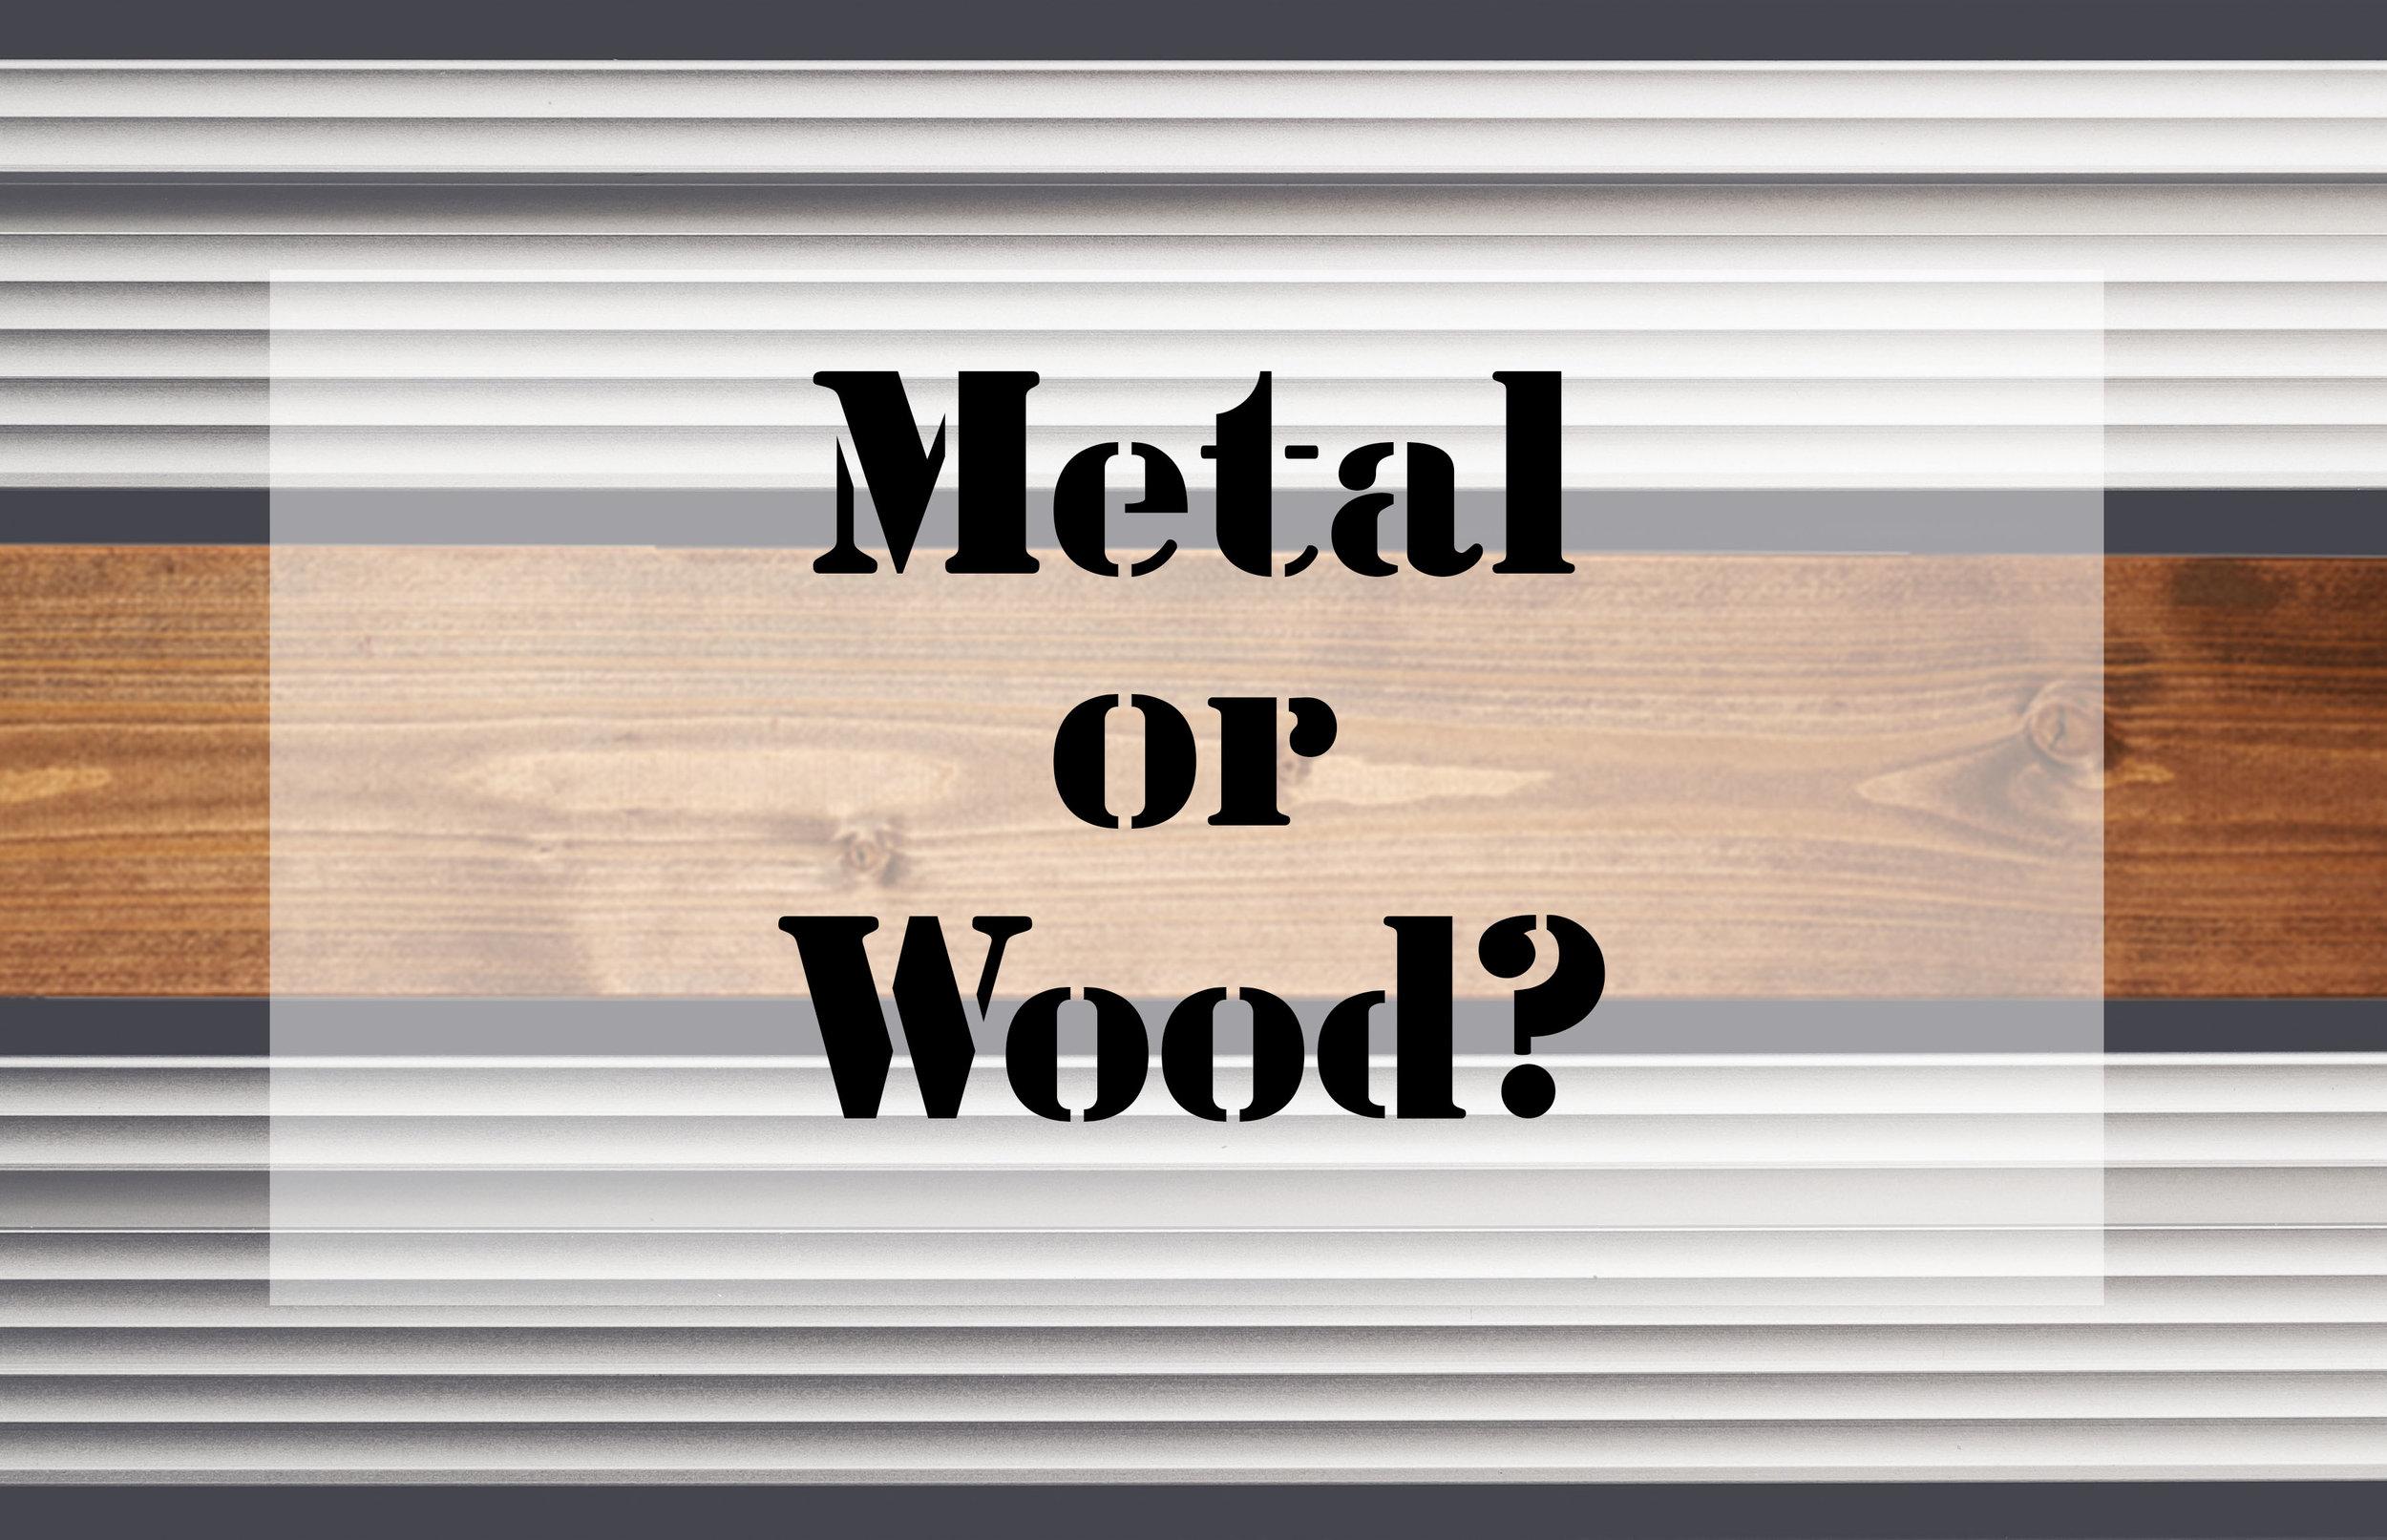 MetalorWood.jpg